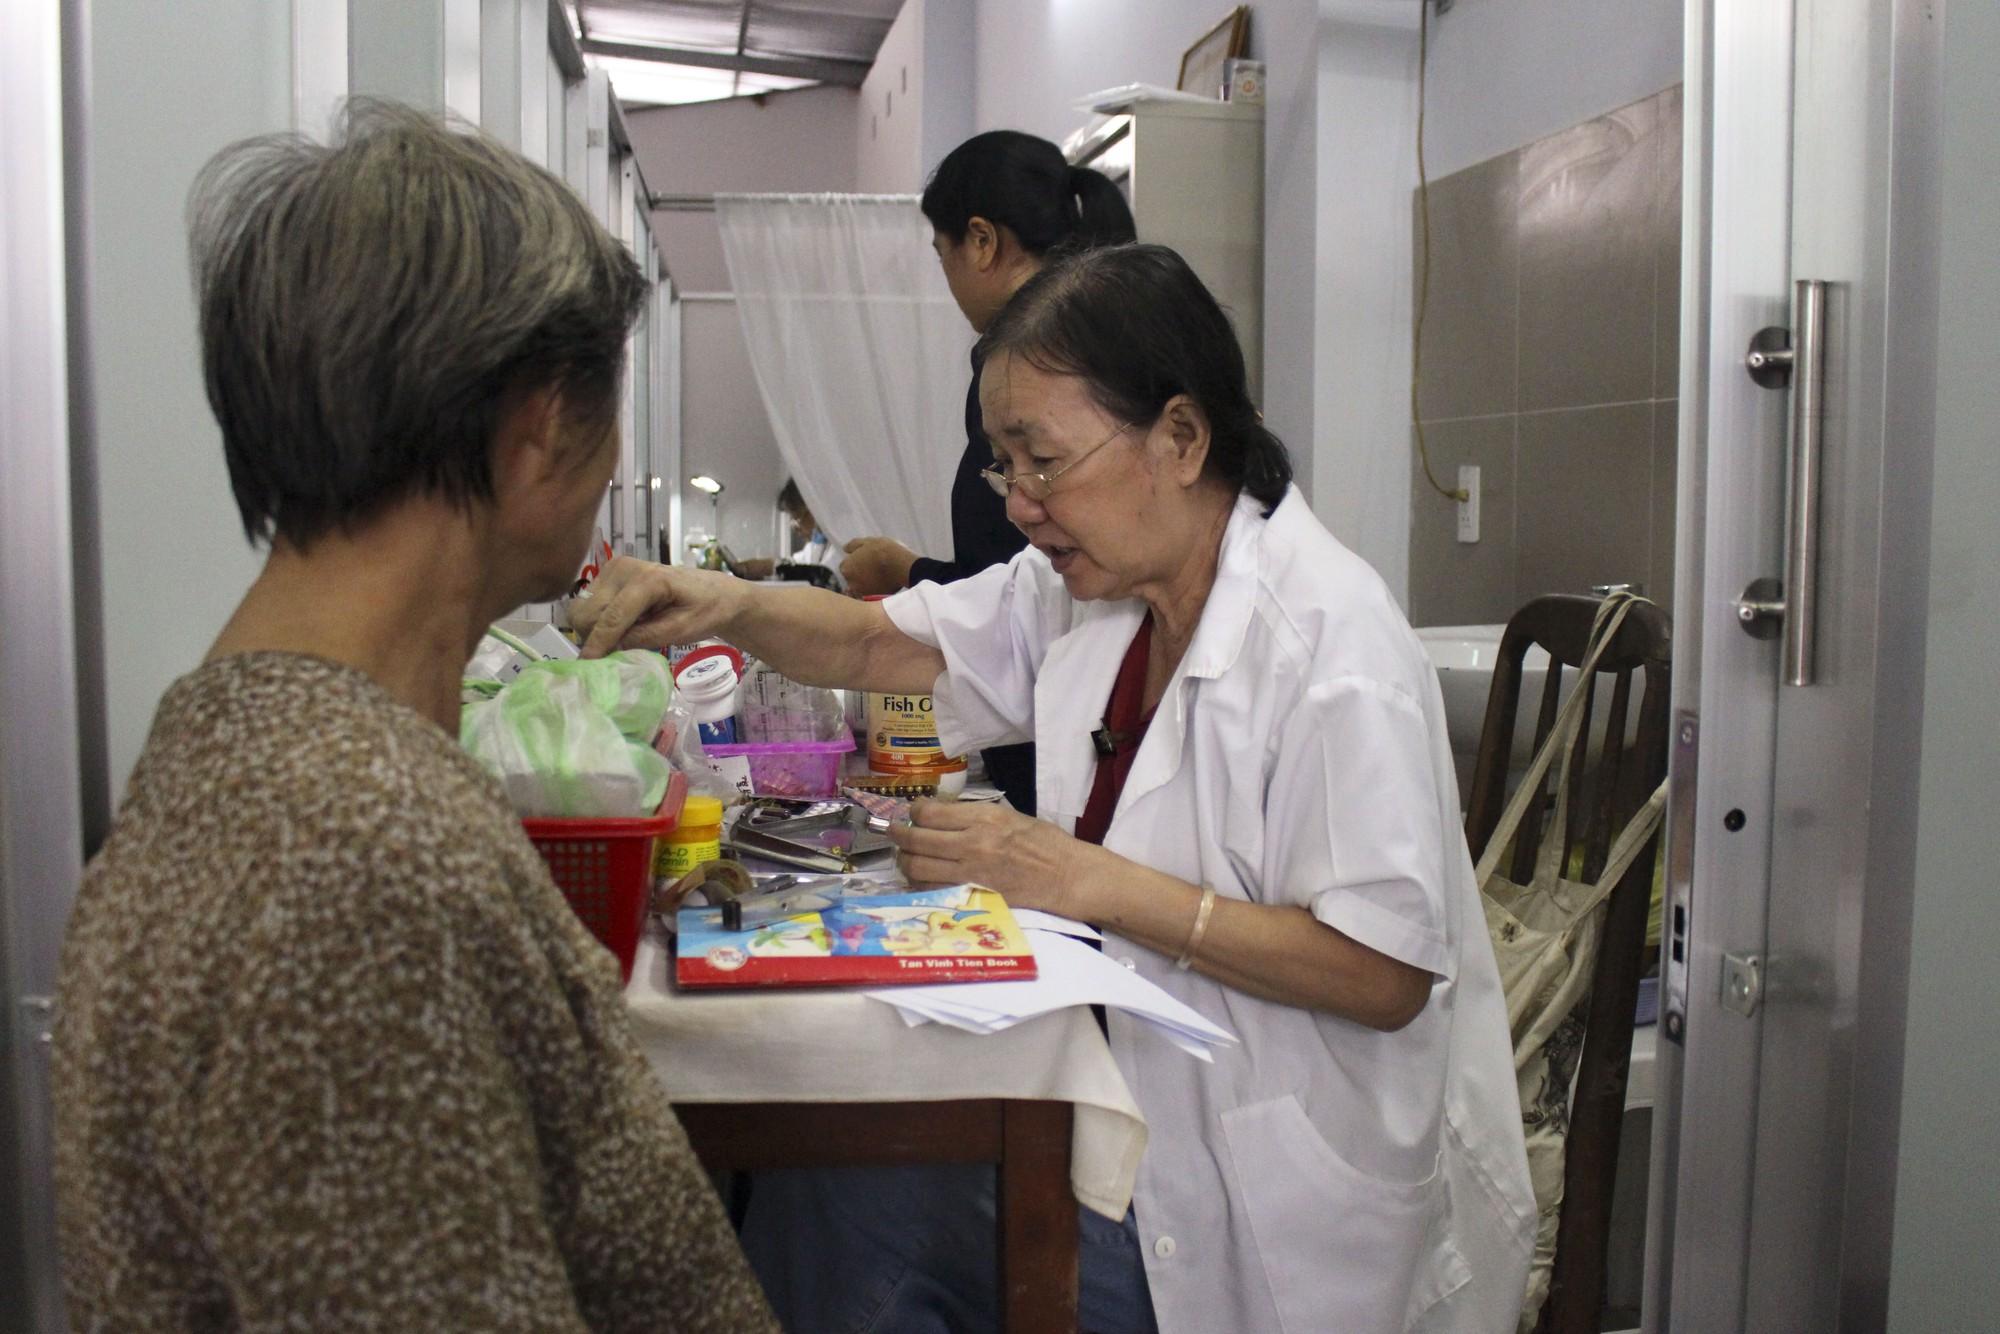 Bác sĩ 80 tuổi cống hiến 20 năm sức già khám chữa bệnh miễn phí cho bệnh nhân nghèo - Ảnh 4.